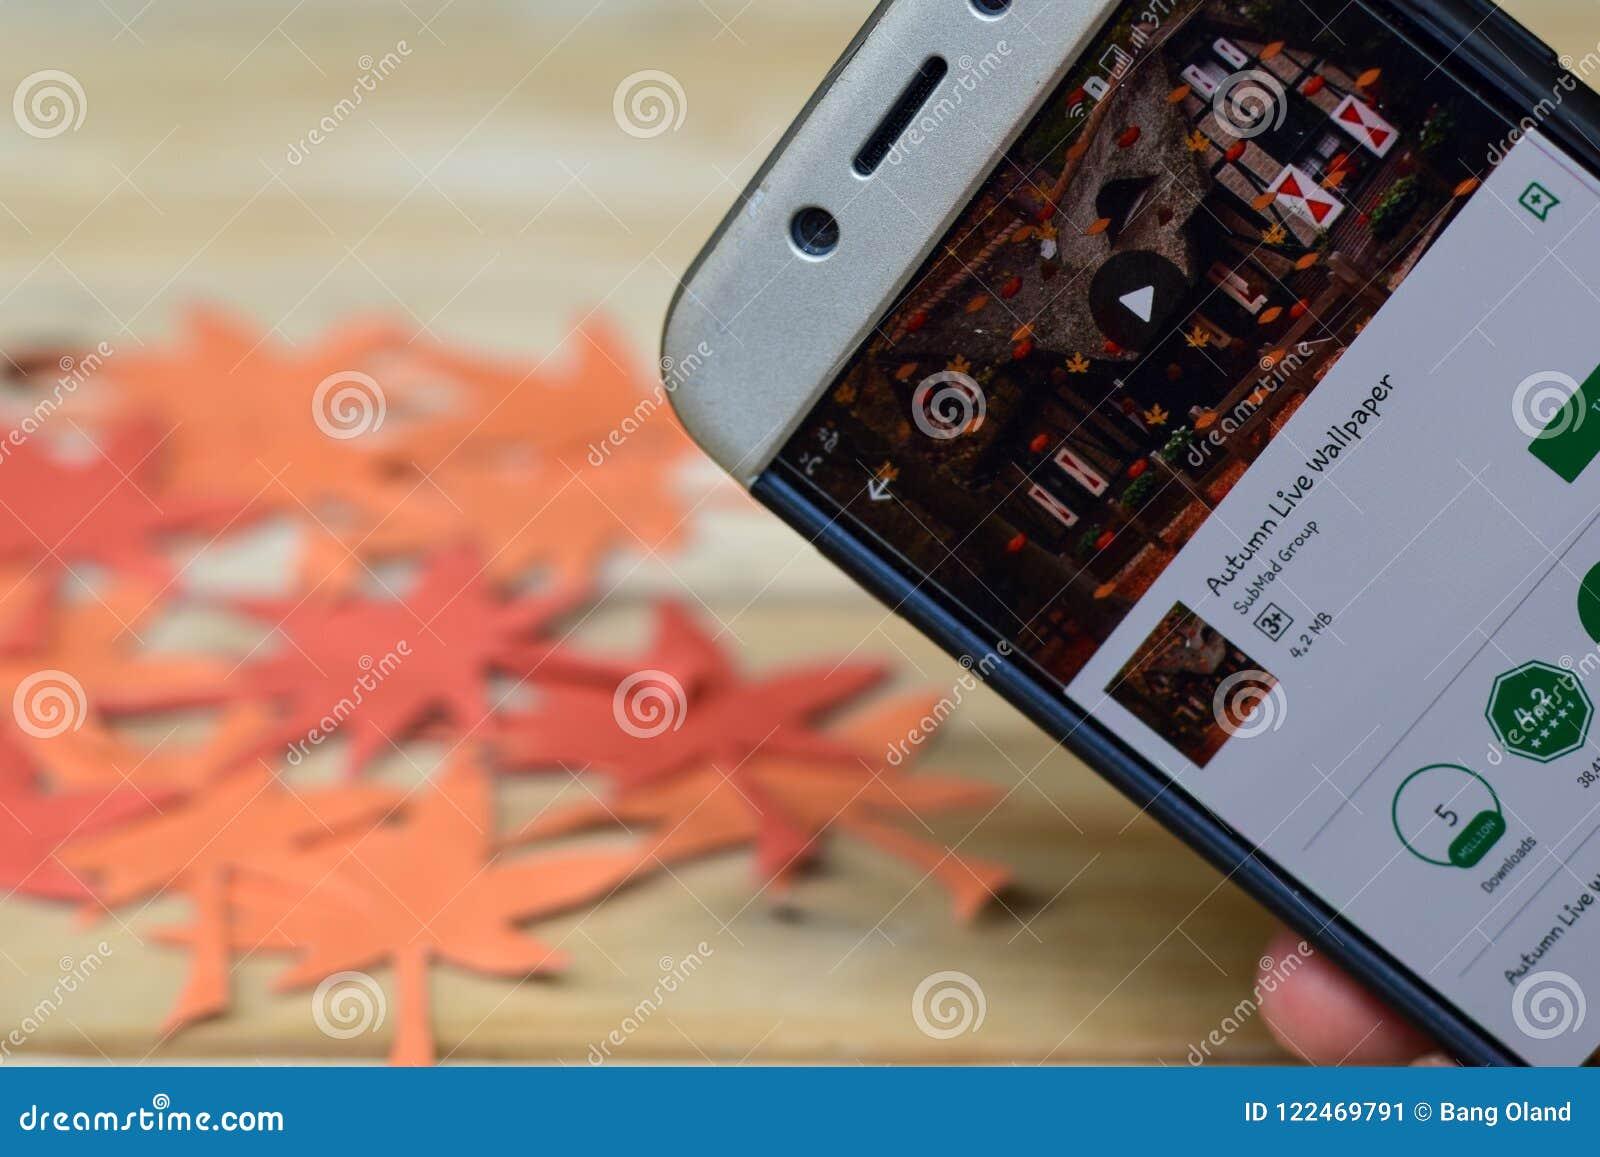 Negocio App De Whatsapp En La Pantalla De Smartphone Autumn